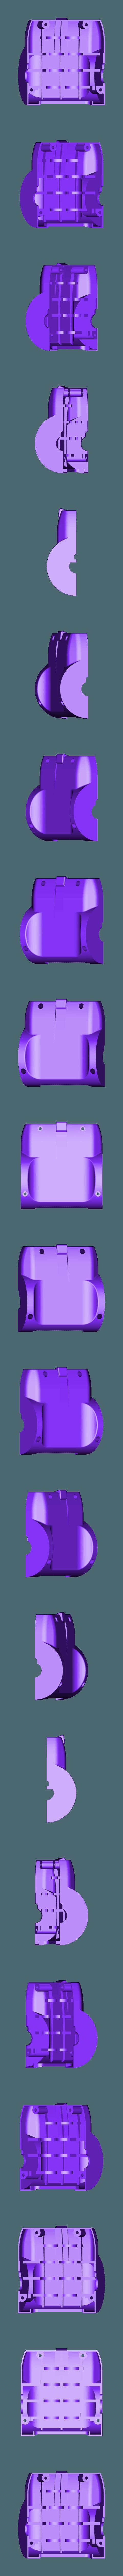 lower_shell.stl Télécharger fichier STL gratuit ZeroBot - Raspberry Pi Zero FPV Robot • Design à imprimer en 3D, MaxMKA